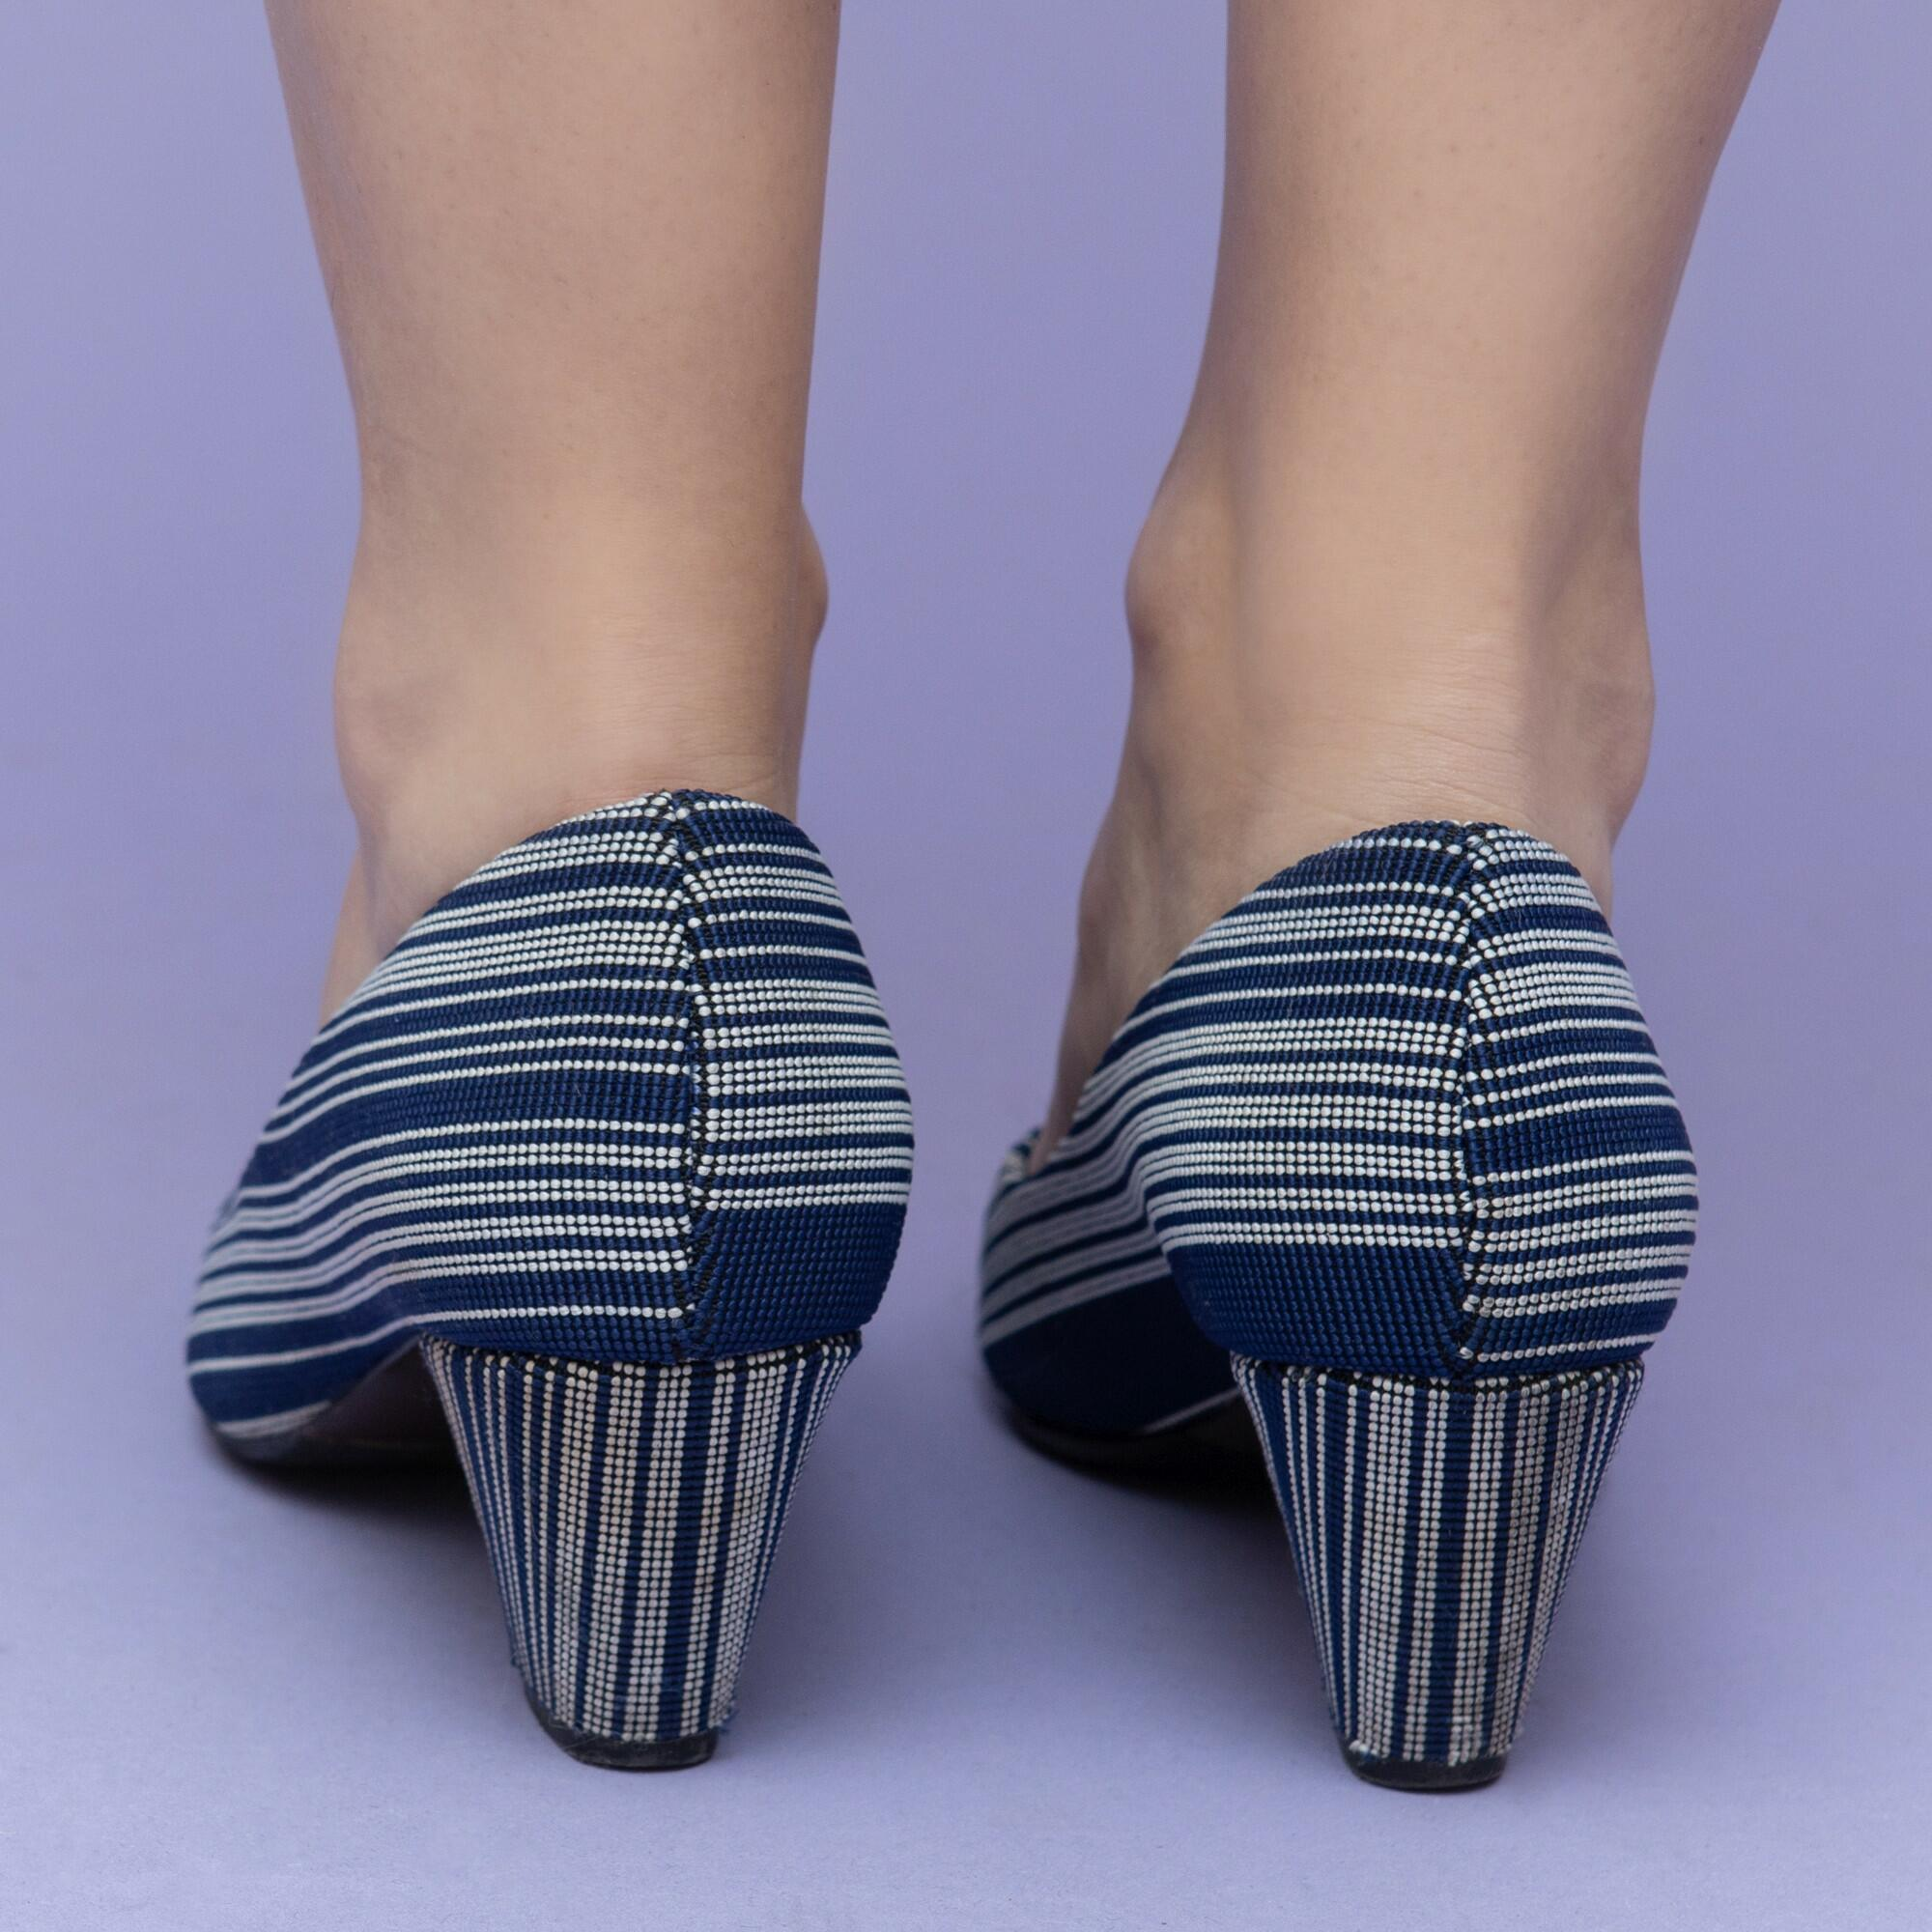 Granatowo-białe buty na słupku United Nude r. 38 - KEX Vintage Store | JestemSlow.pl